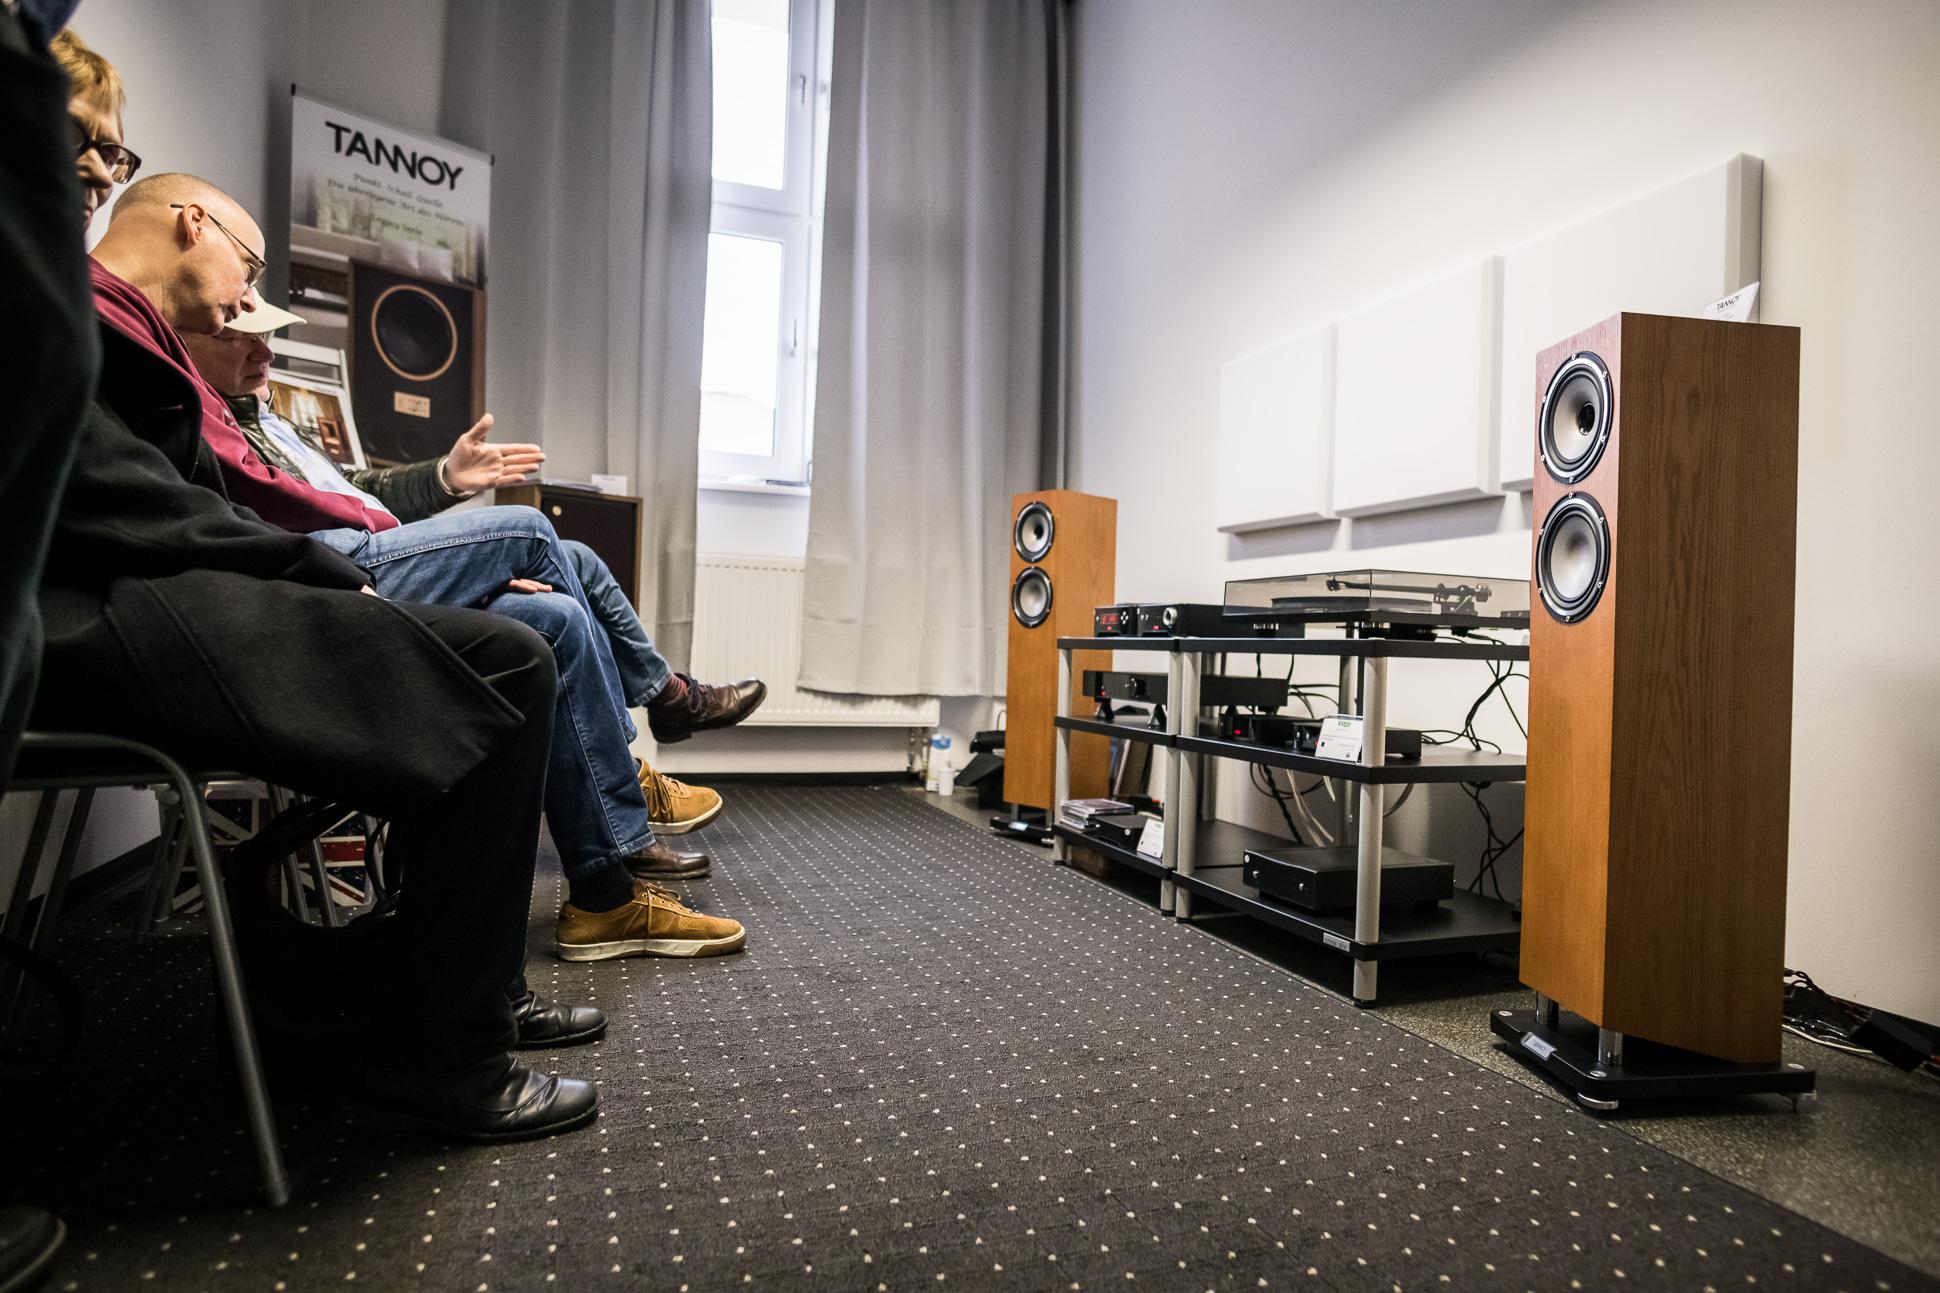 Der Vertrieb TAD-Audiovertrieb zeigte Lautsprecher von Tannoy und Elektronik und Zuspieler von Rega.